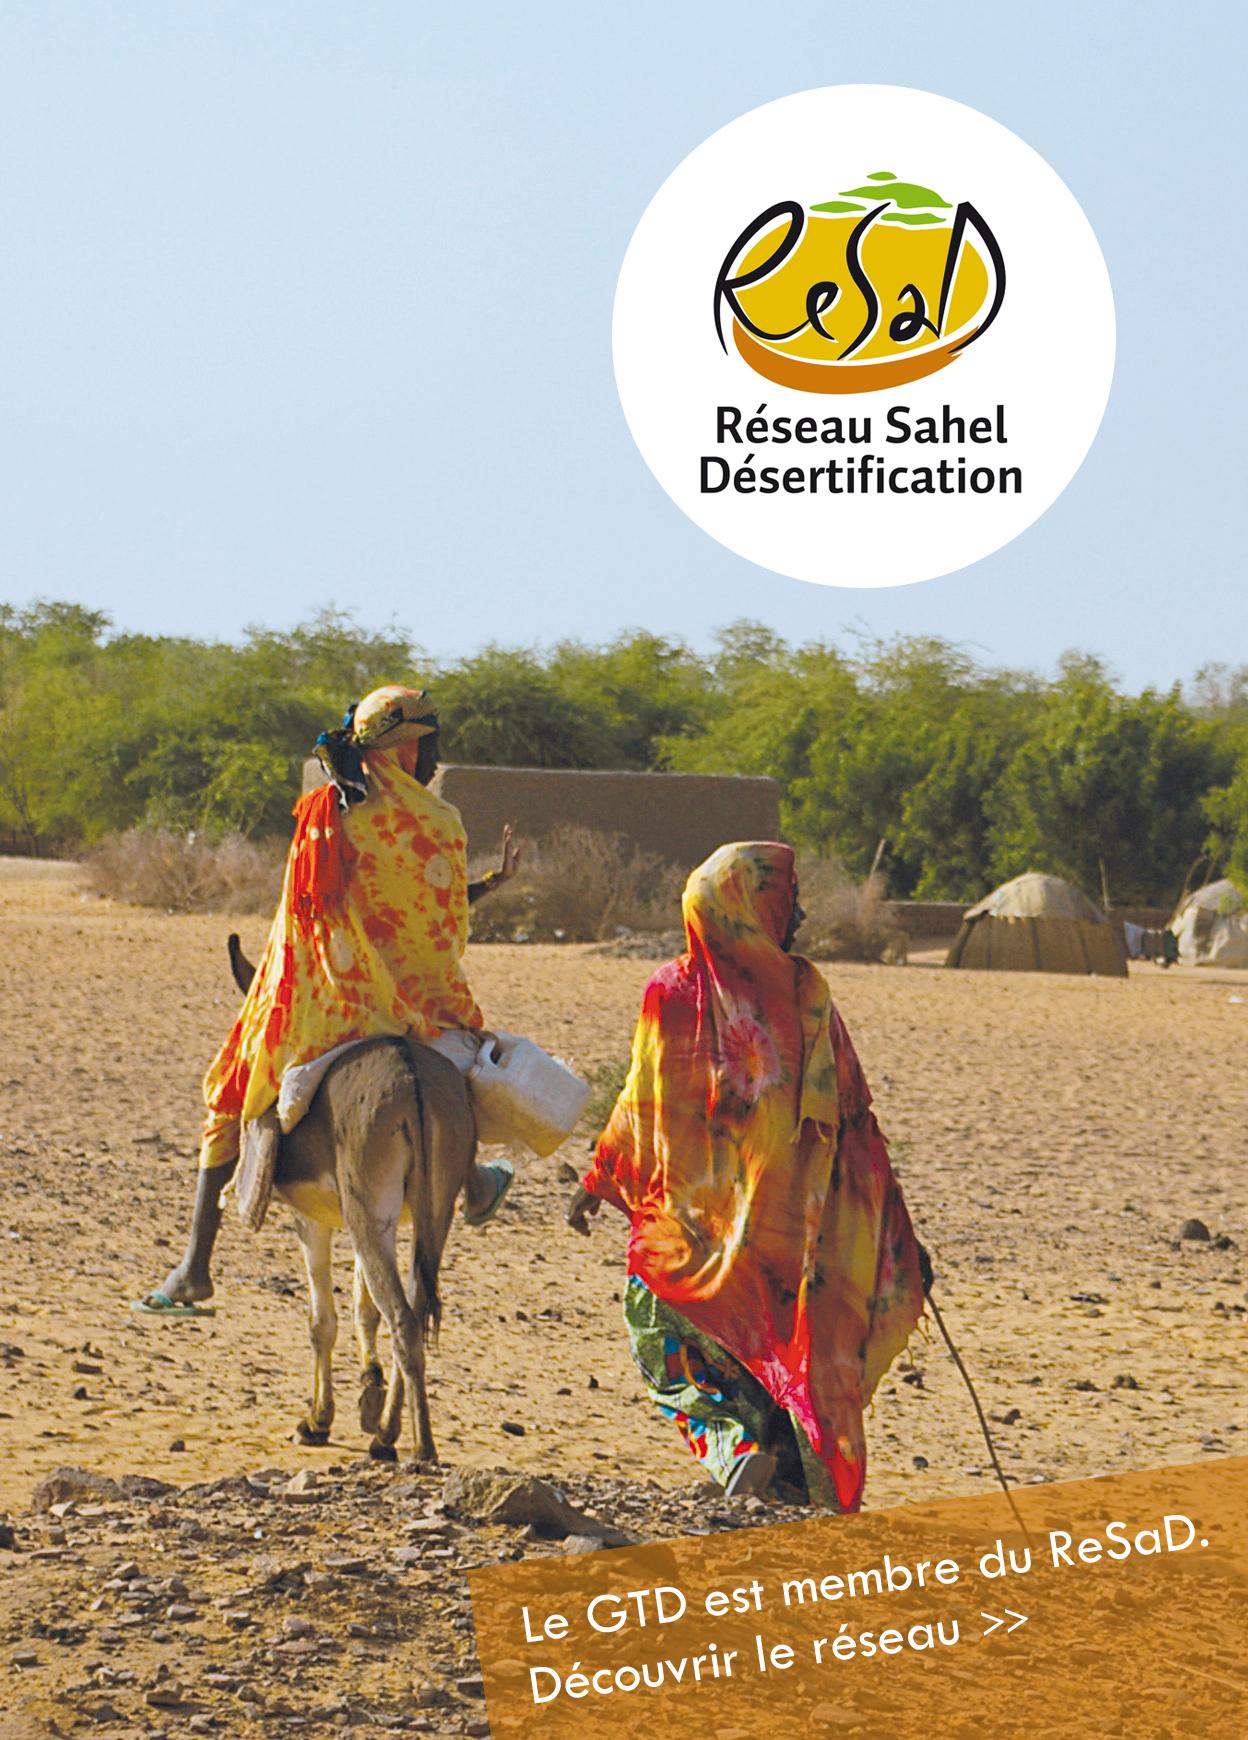 reseau sahel désertification